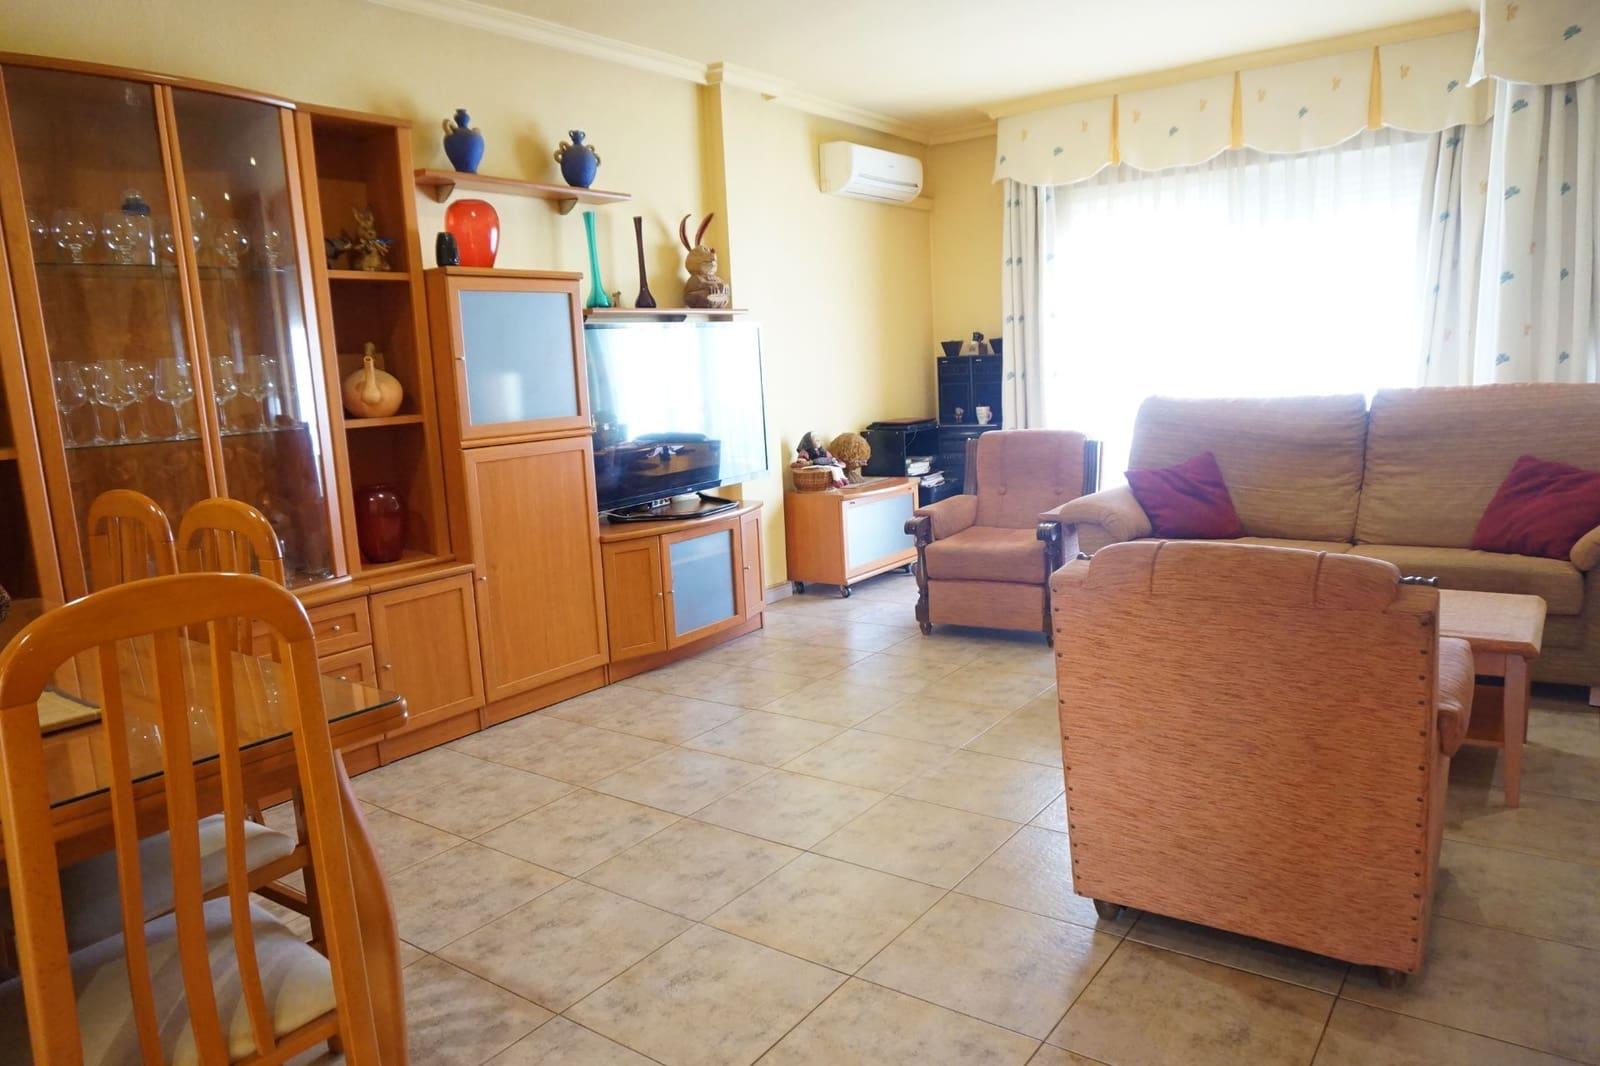 Casa de 3 habitaciones en Orihuela en venta - 86.000 € (Ref: 4486655)